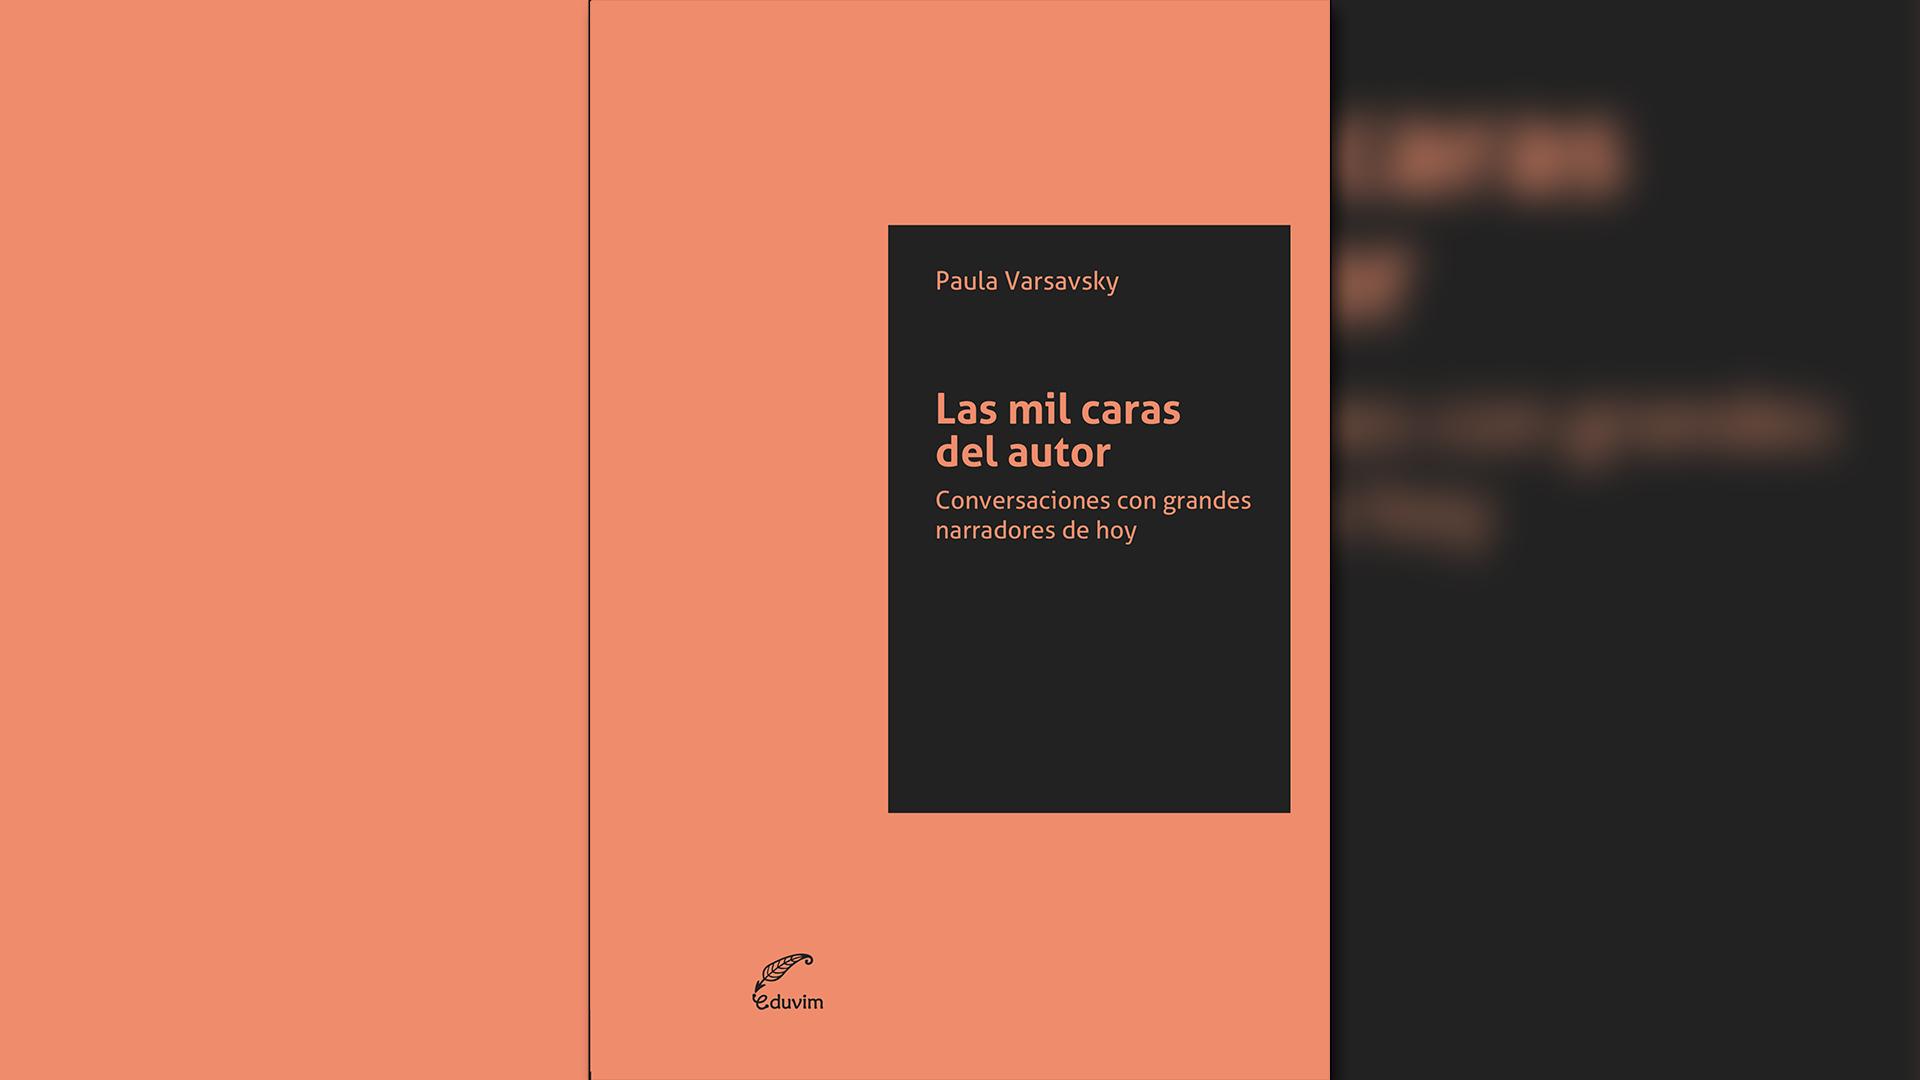 Las mil caras del autor. conversaciones con grandes narradores de hoy, Paula Varsavsky, Universidad de Villa María